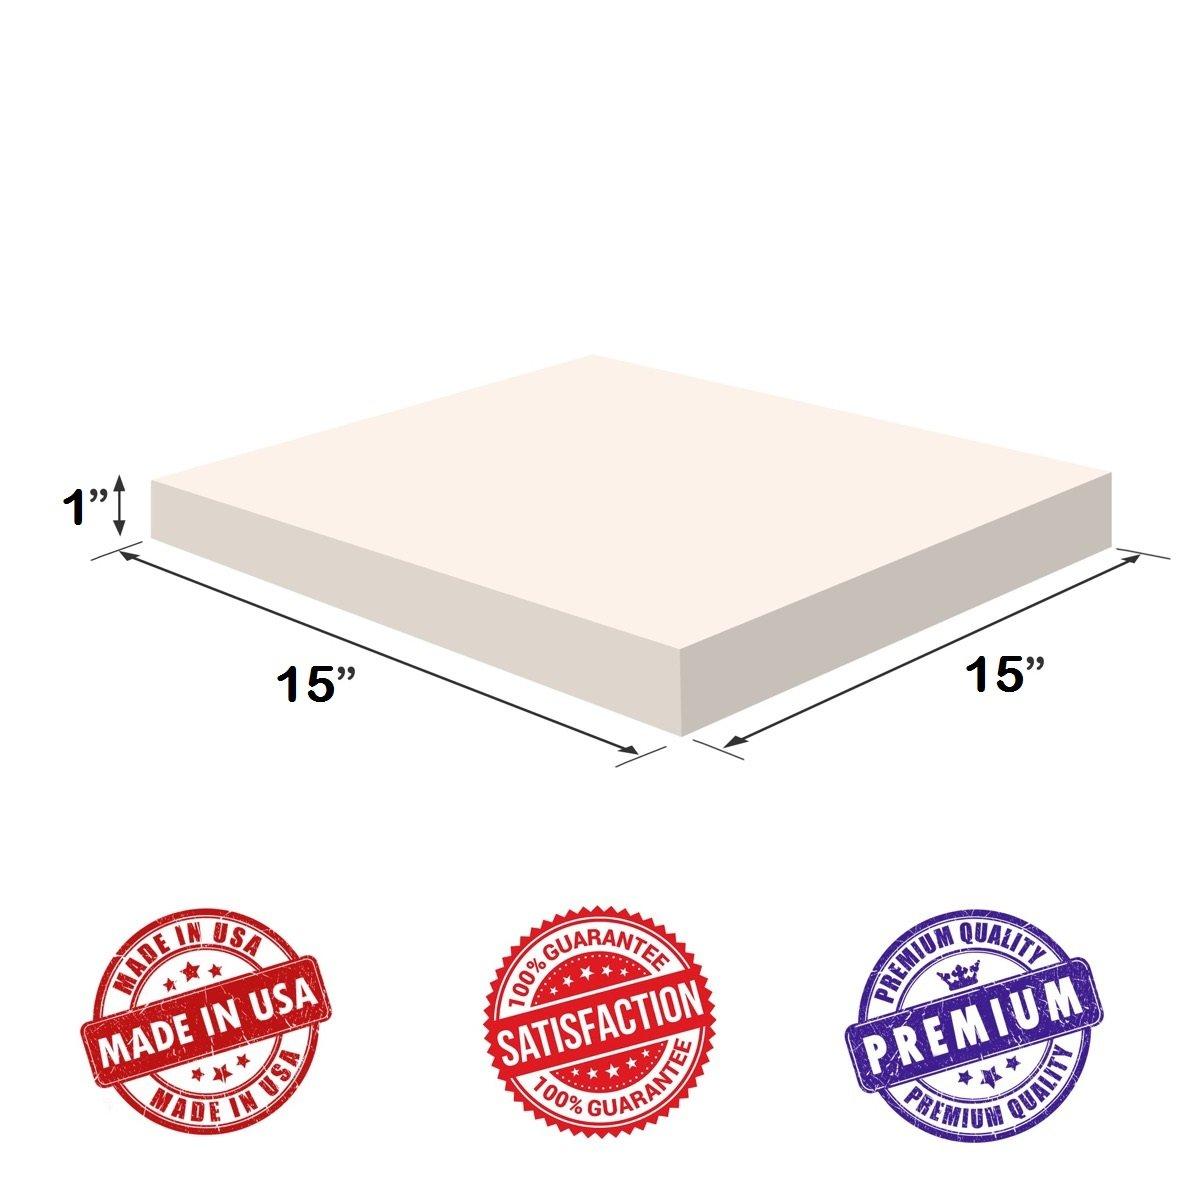 Upholstery Visco Memory Foam Square Sheet- 3.5 lb High Density 1